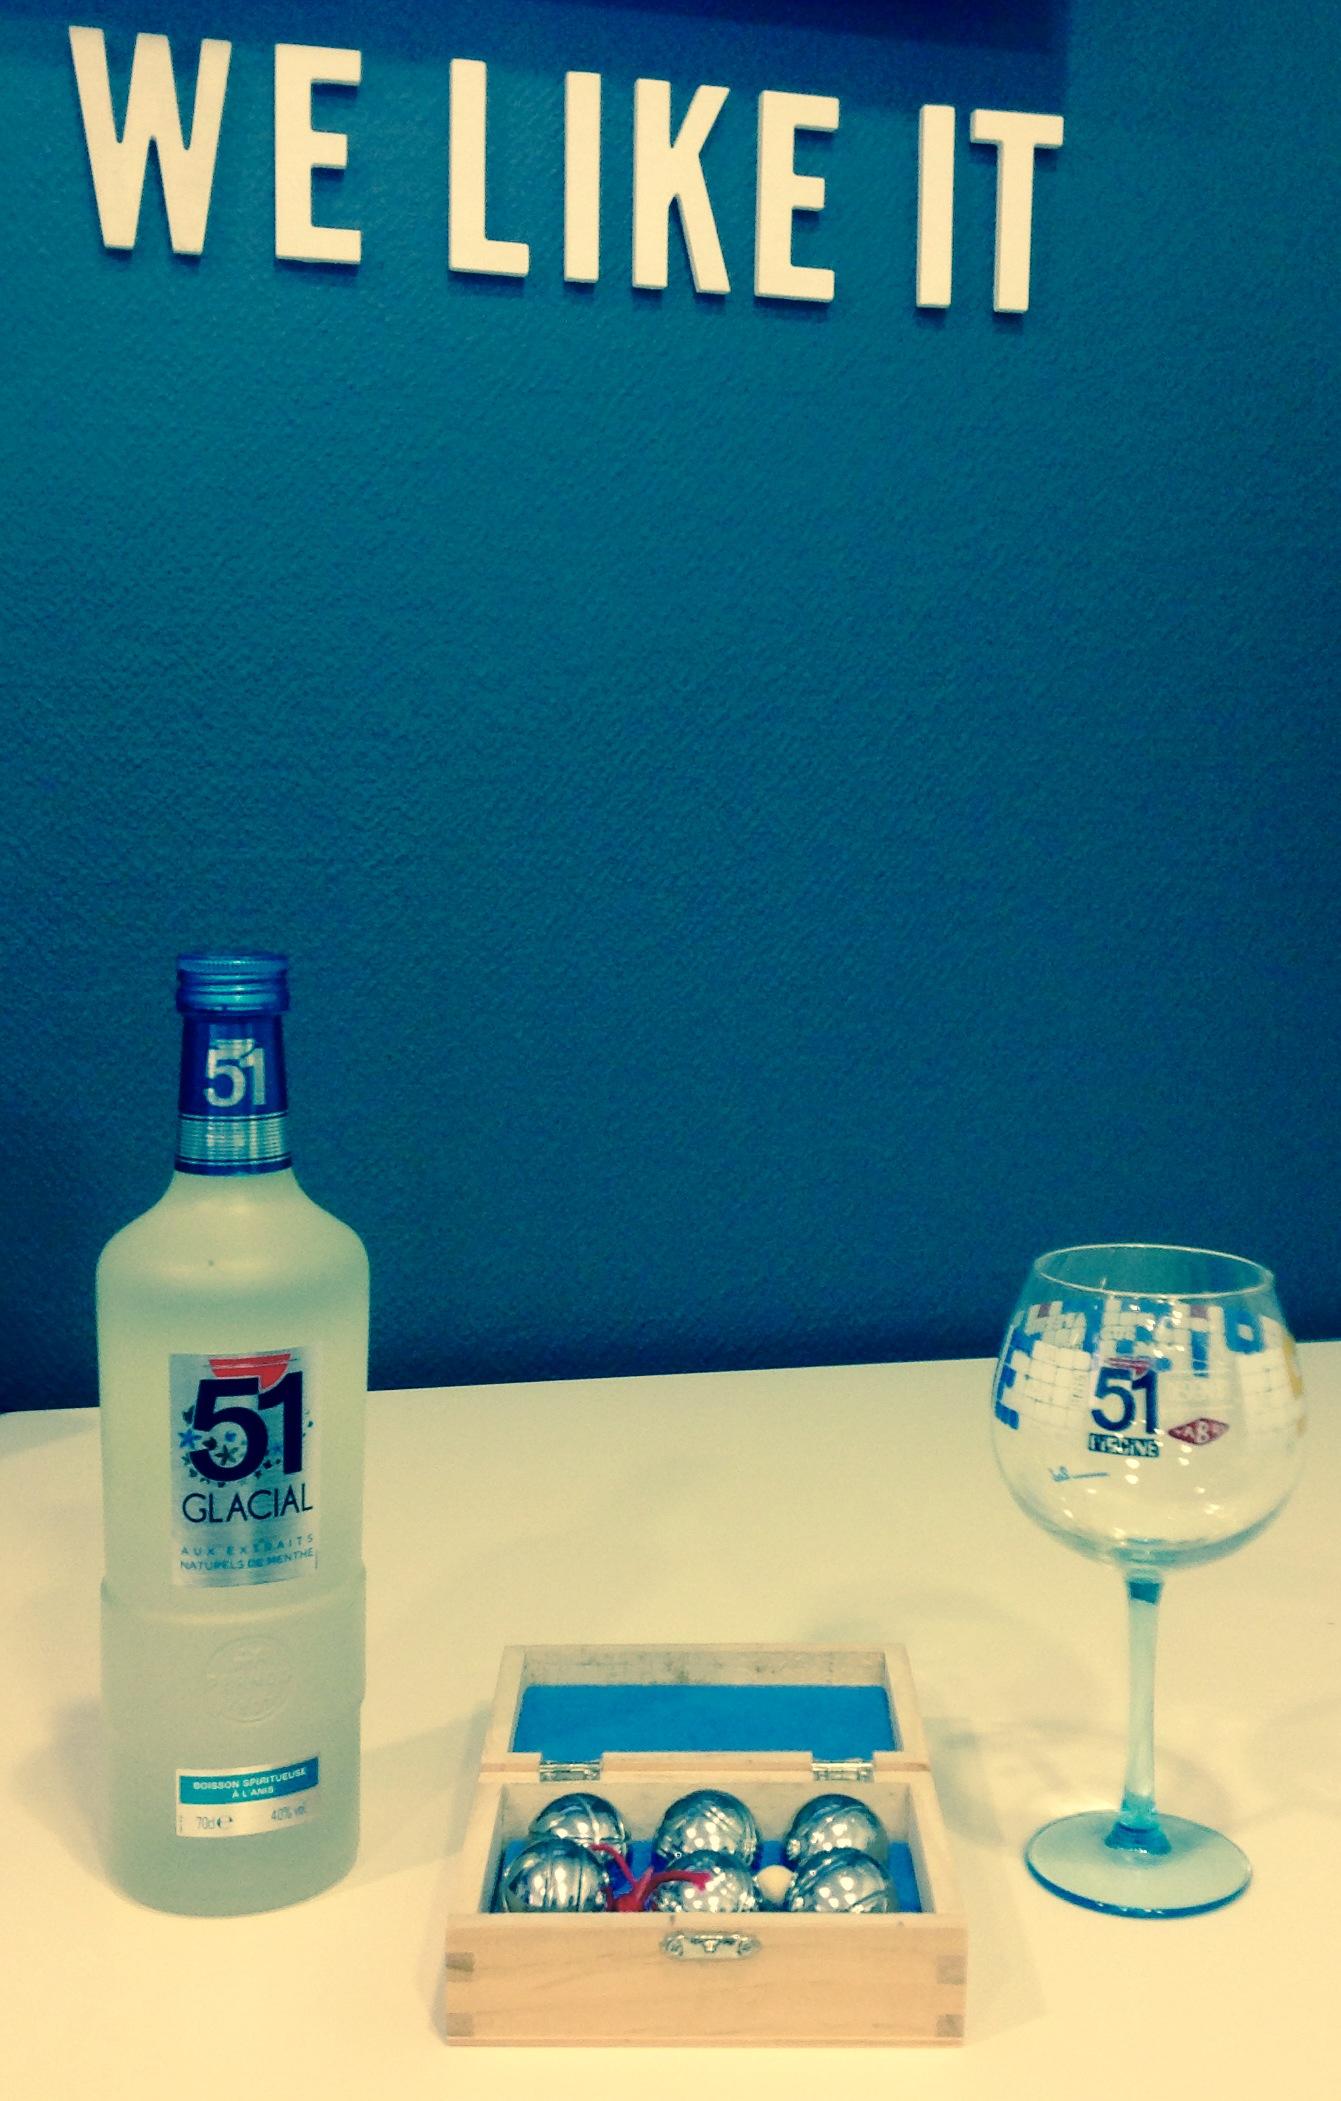 pernod ricard pastis 51